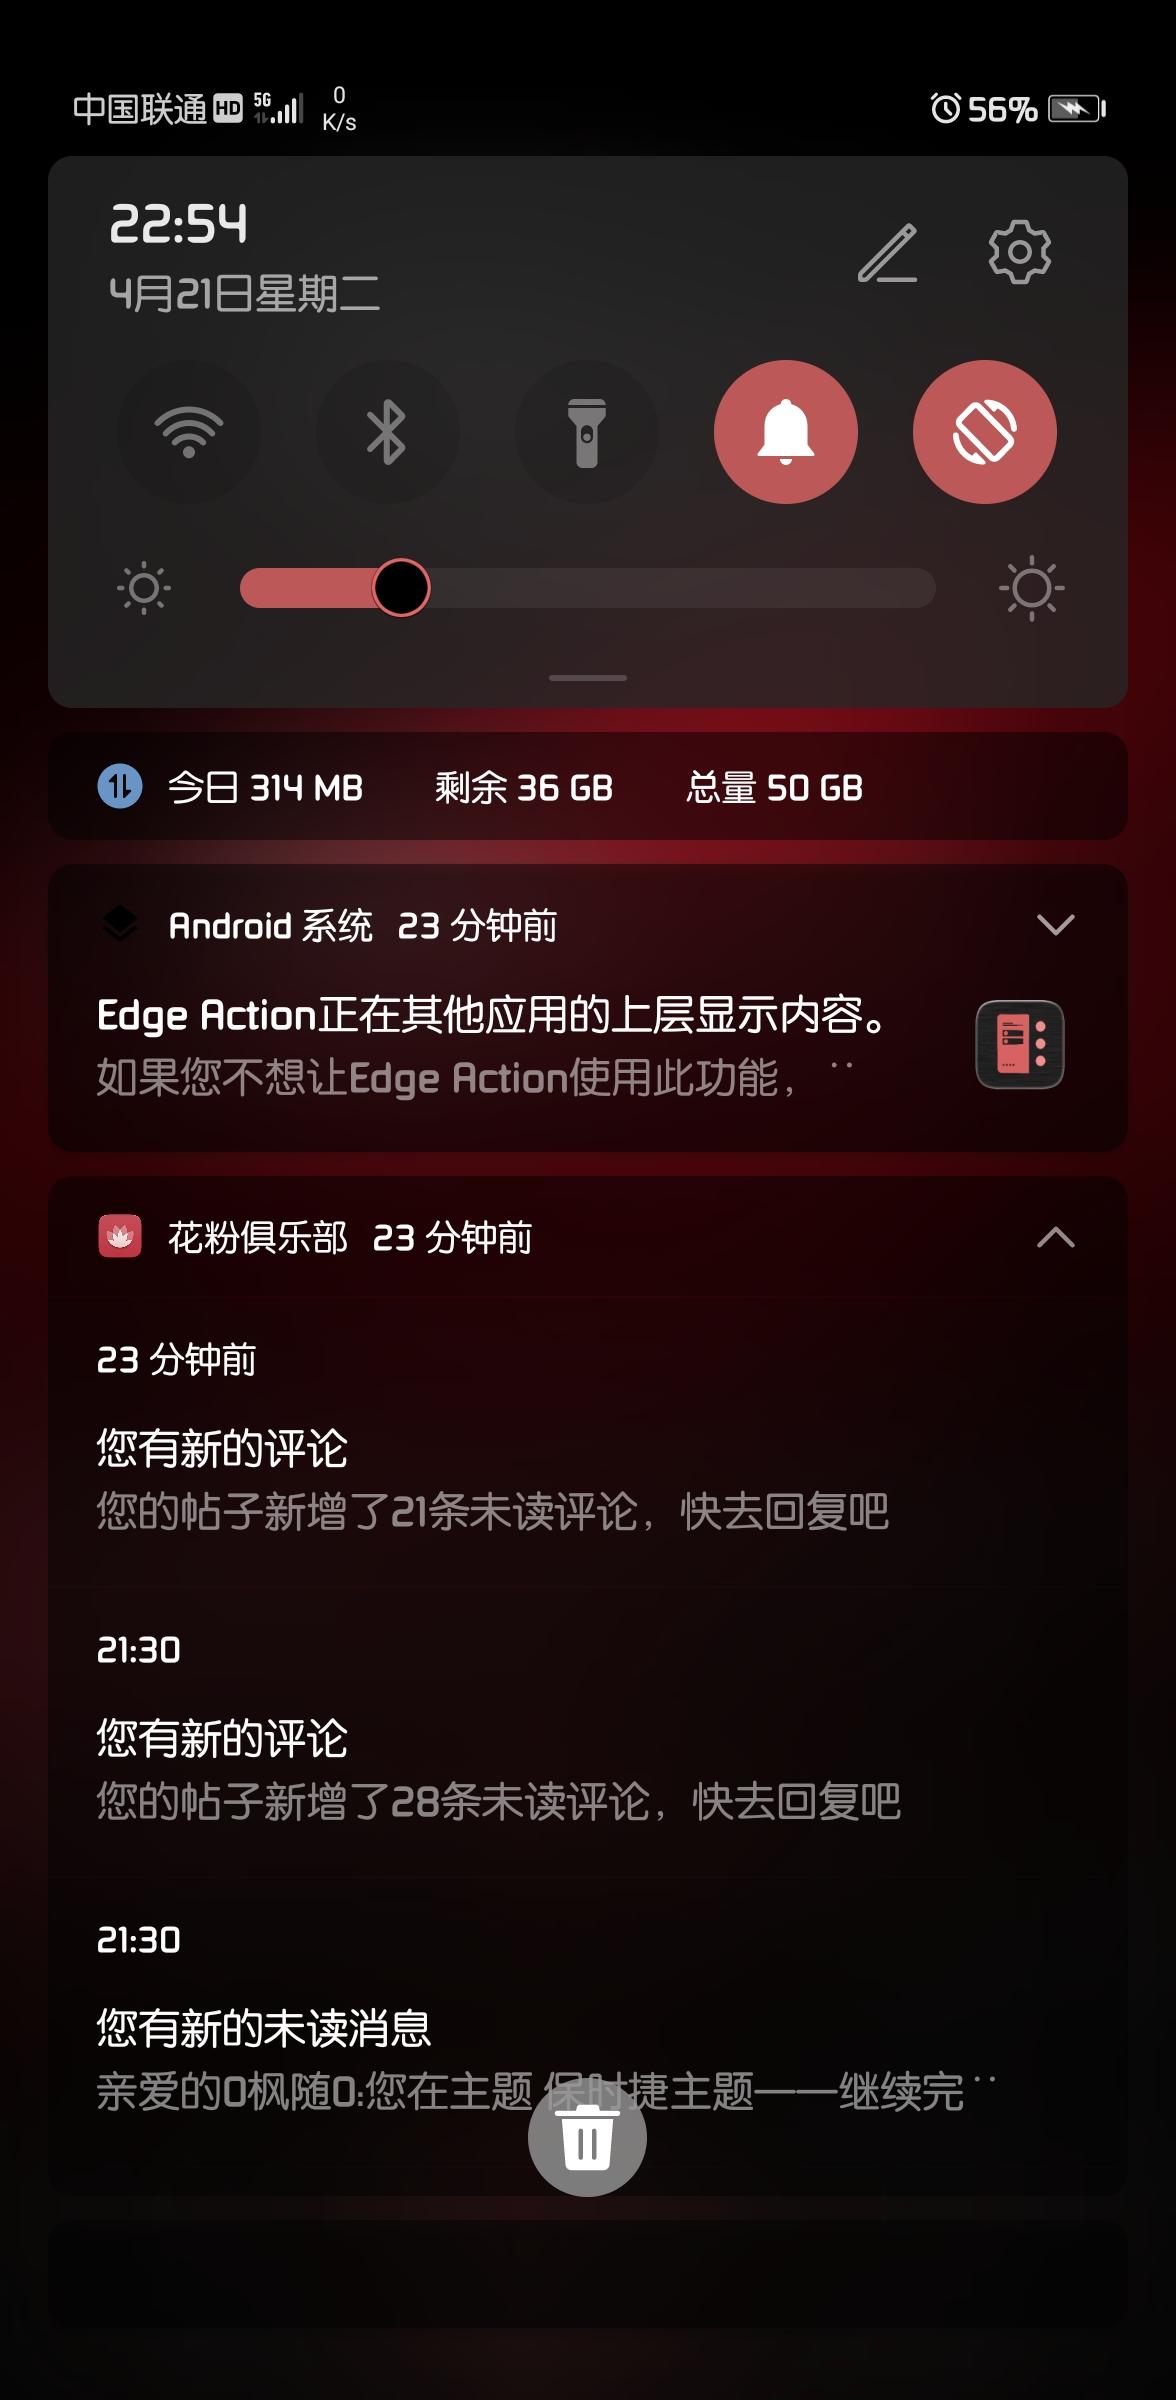 Screenshot_20200421_225443_com.huawei.android.launcher.jpg